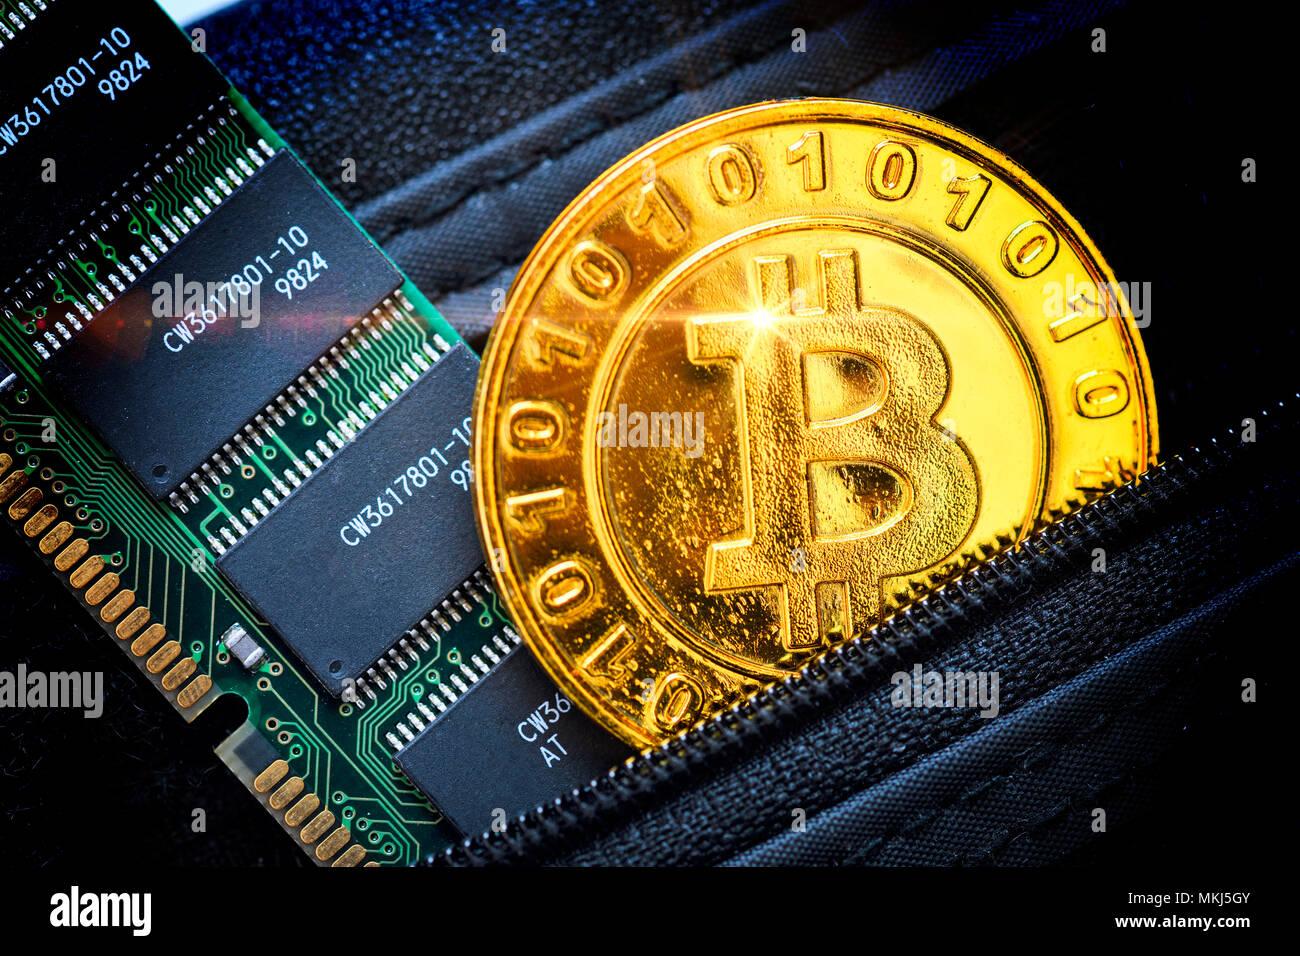 Coin with bitcoin characters and computer circuit board in a wallet, Münze mit Bitcoin-Zeichen und Computerplatine in einem Portemonnaie Stock Photo